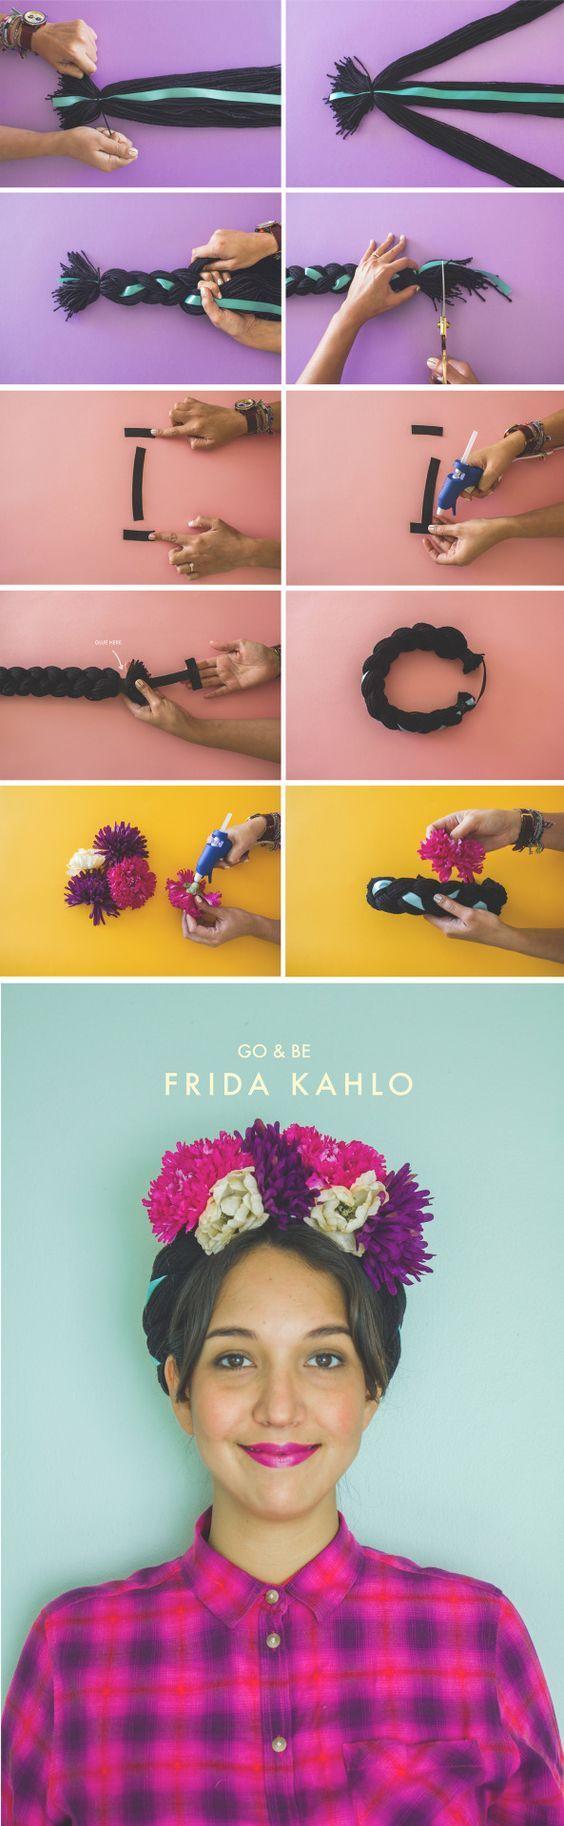 Completa colección de geniales ideas para hacer un Disfraz de Frida Kahlo. Tutoriales en videos y muestras de imágenes para inspirarte.